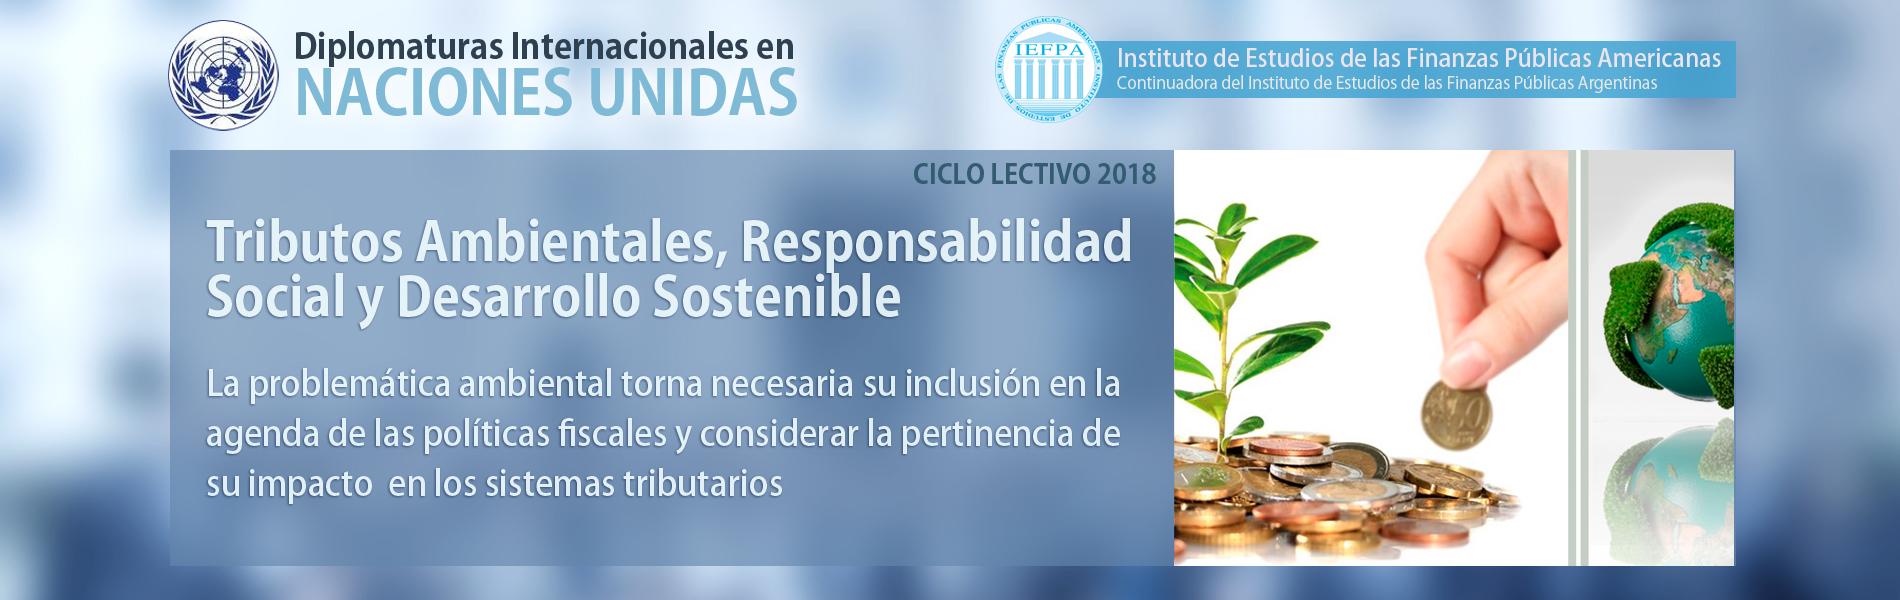 Tributos Ambientales, Responsabilidad Social Y Desarrollo Sostenible